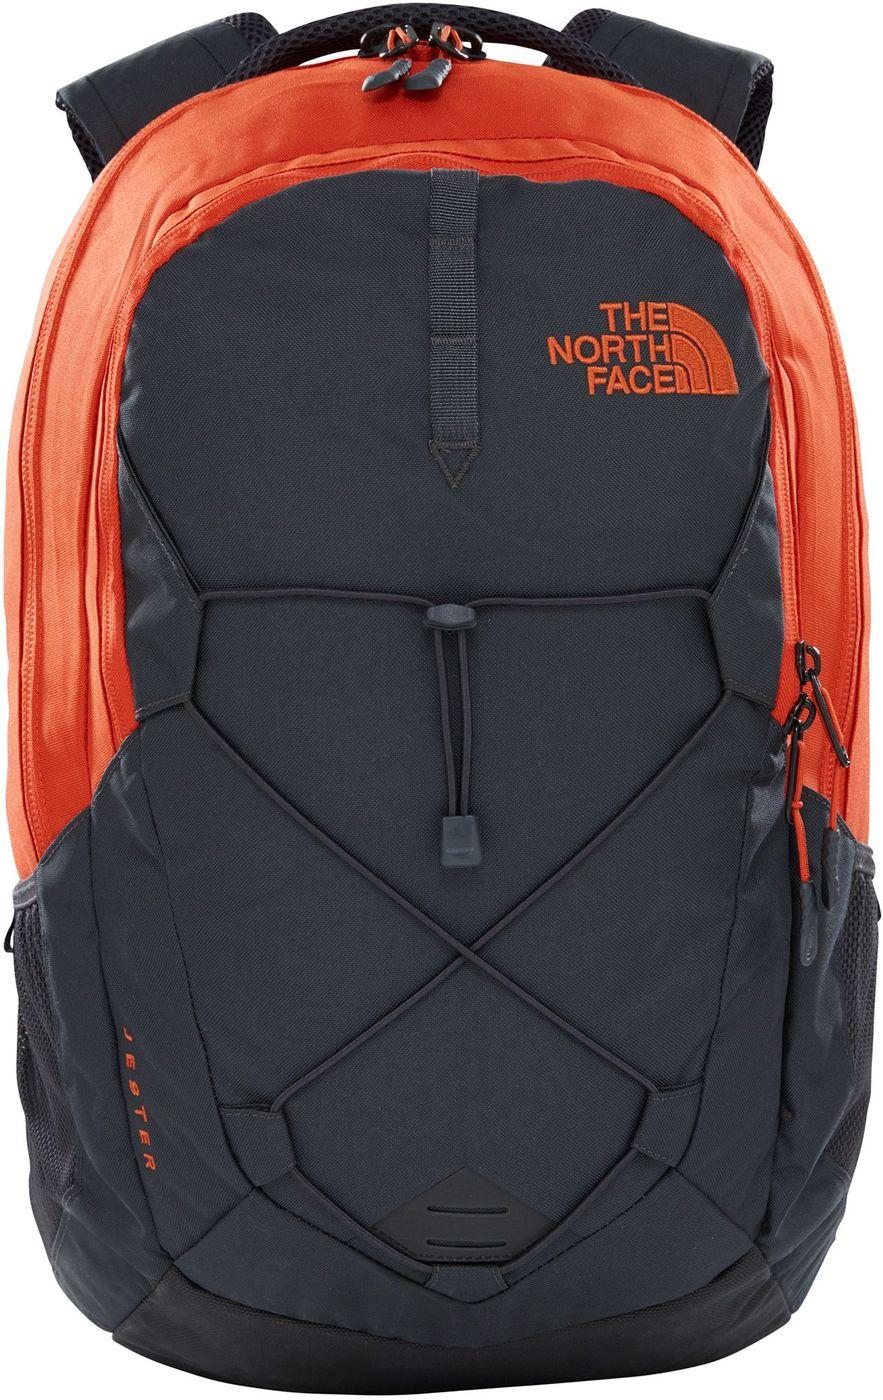 tnf rucksack